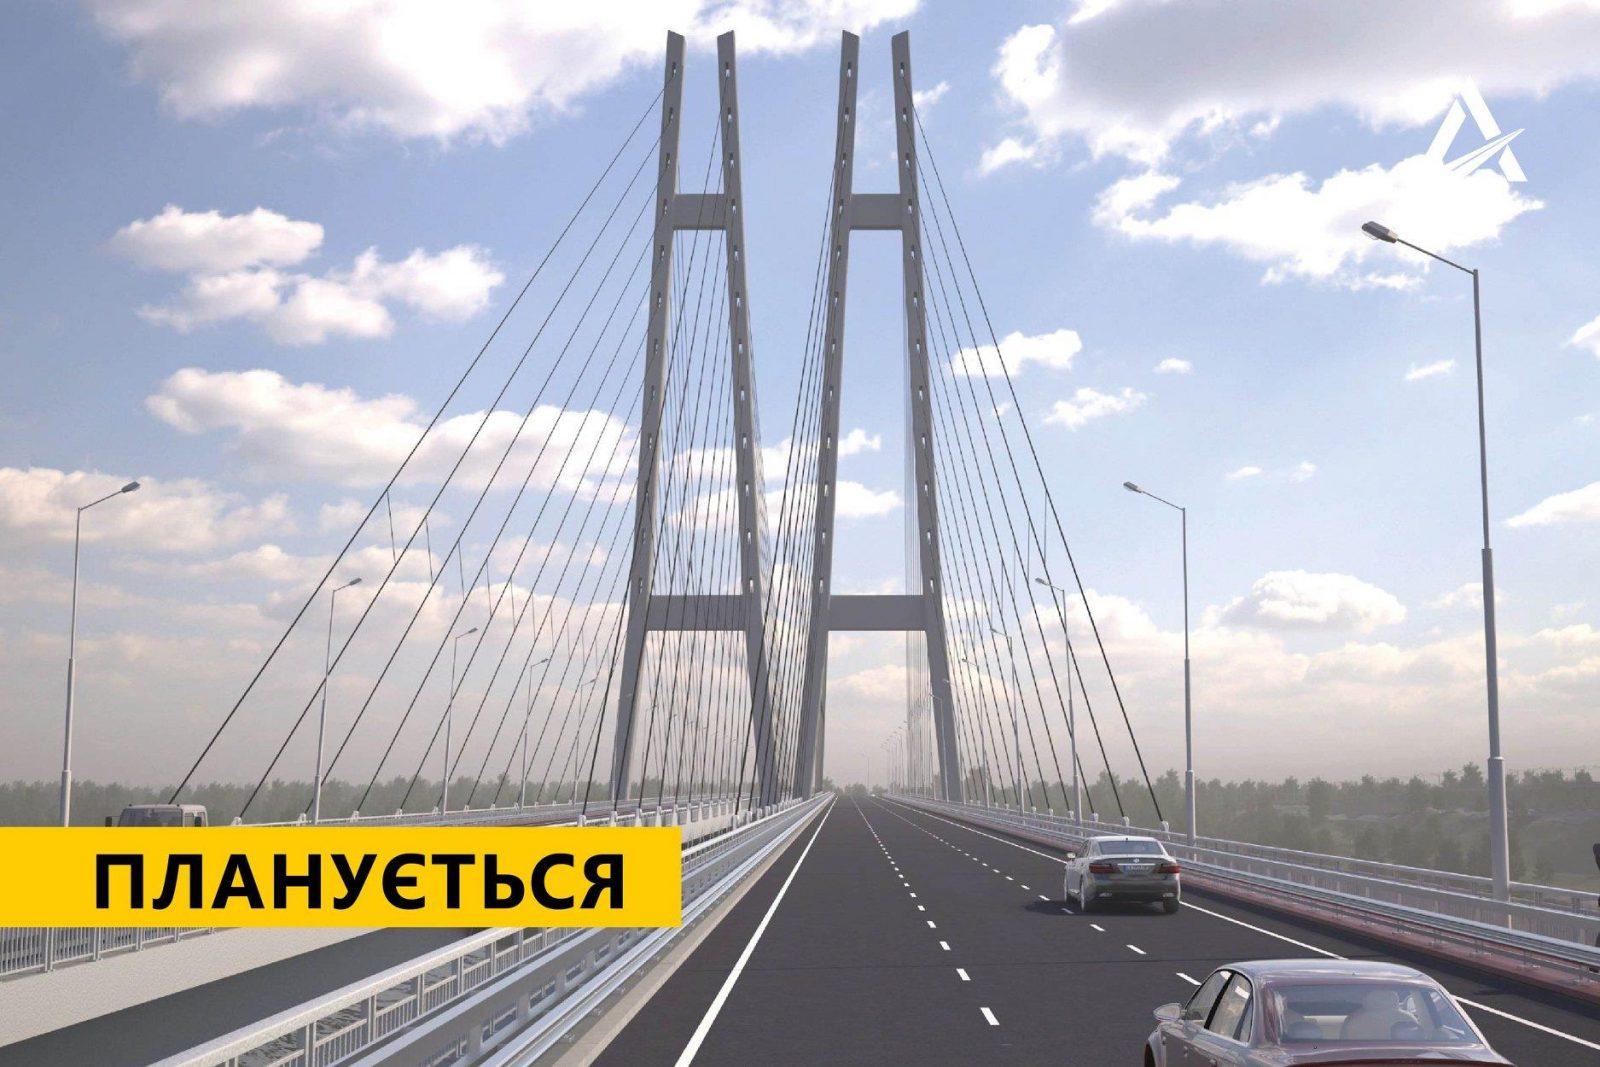 """Запорізький міст: із """"символа корупції"""" на символ великого будівництва"""